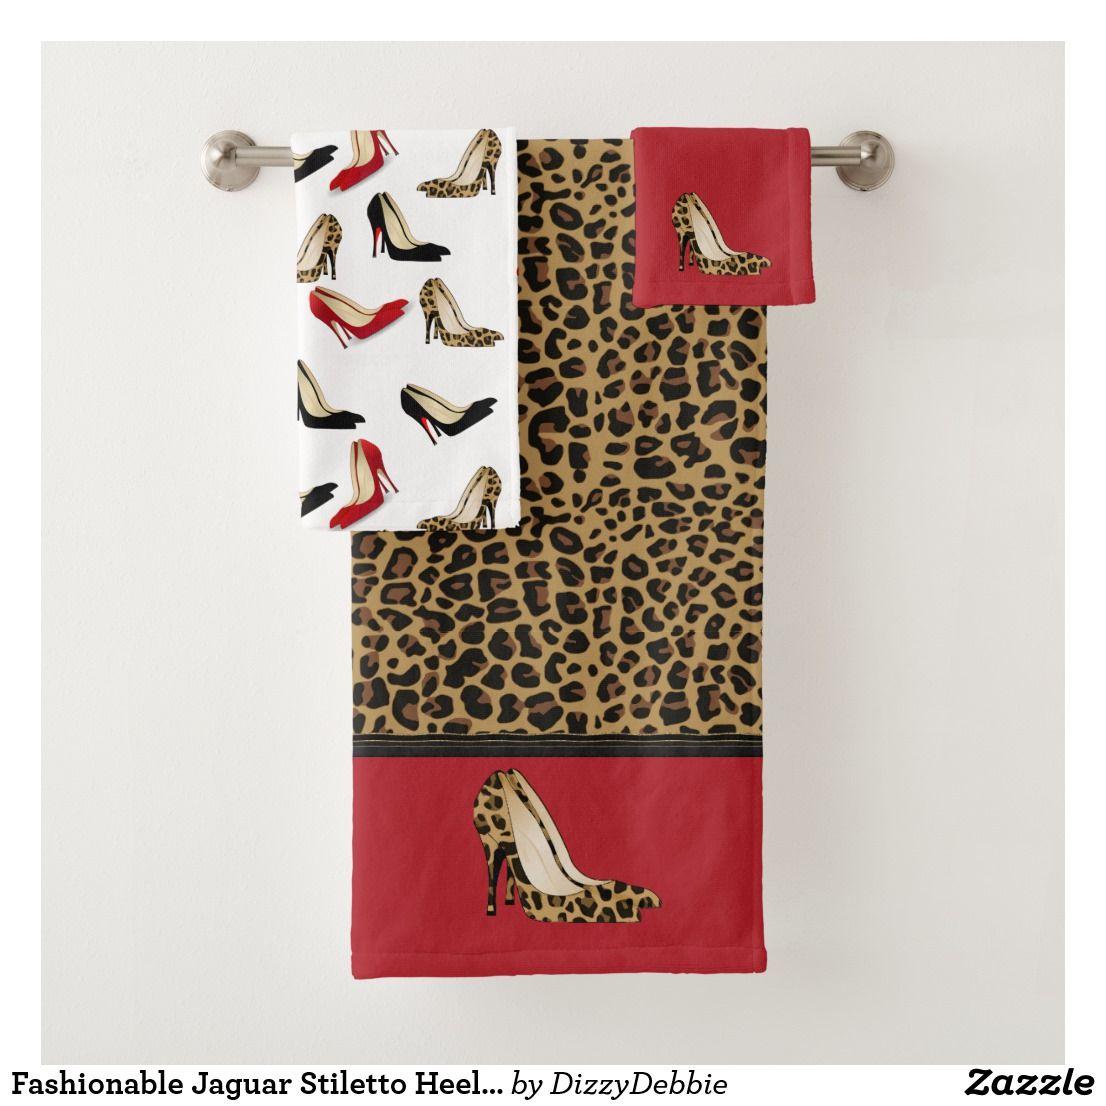 Fashionable Jaguar Stiletto Heels Bath Towel Set Lady S Chic Bath